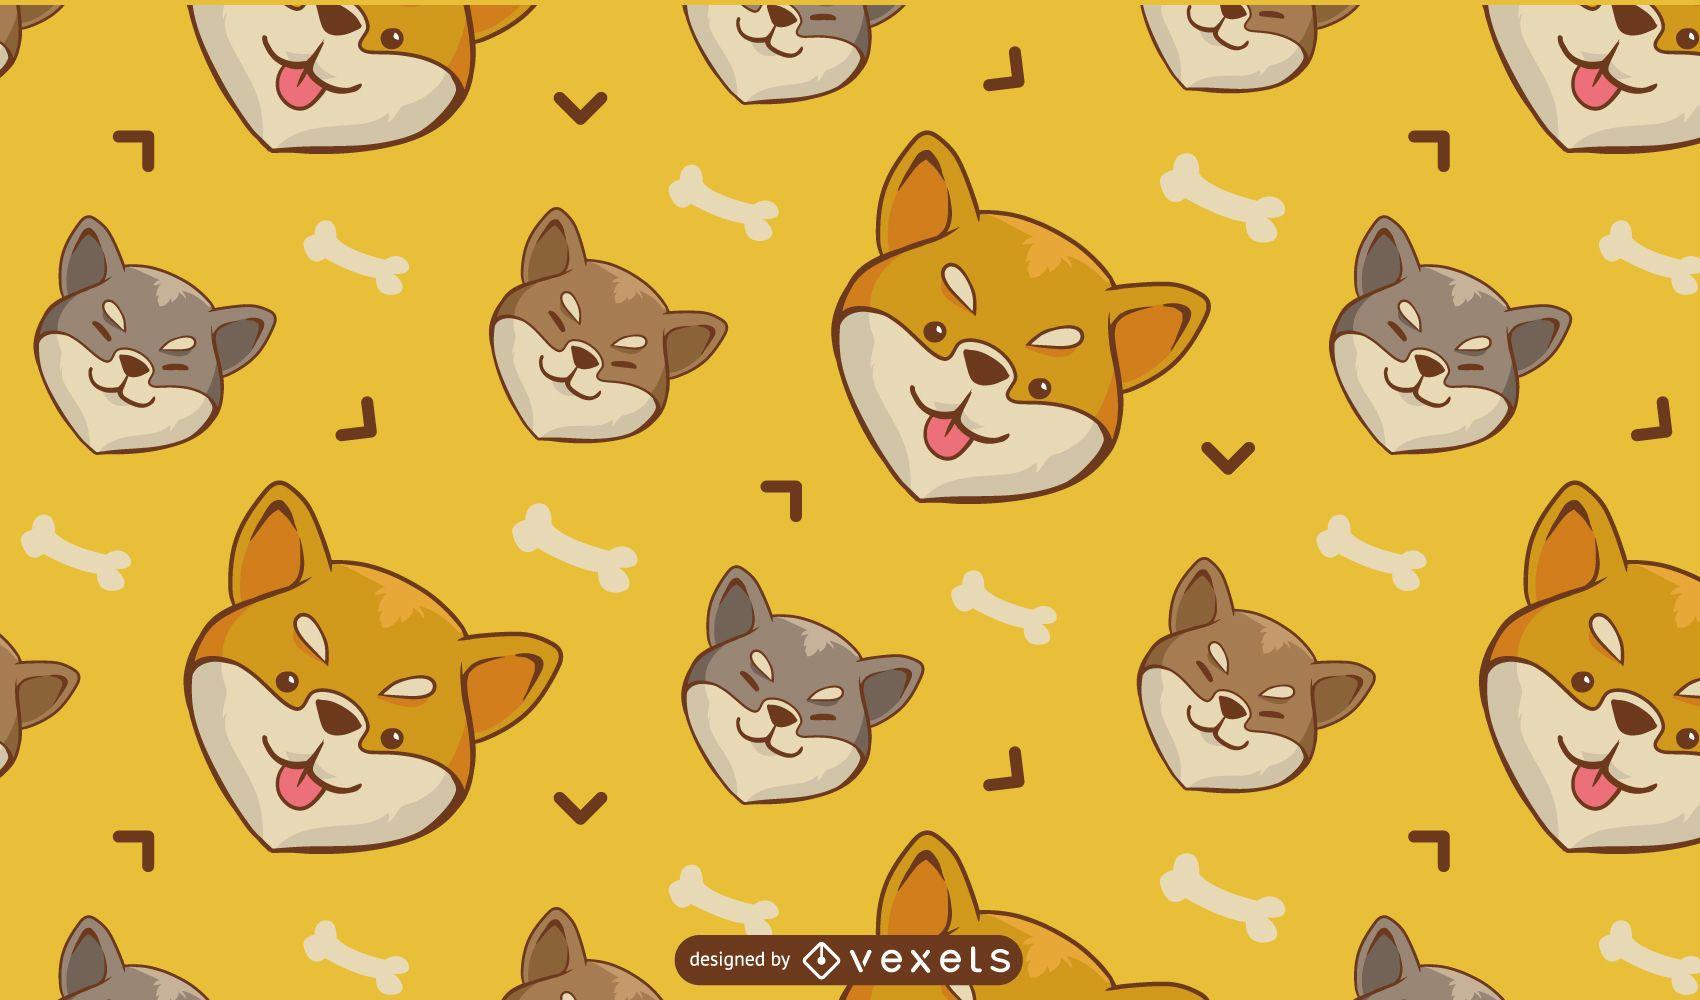 Patrón de dibujos animados de perro Shiba Inu